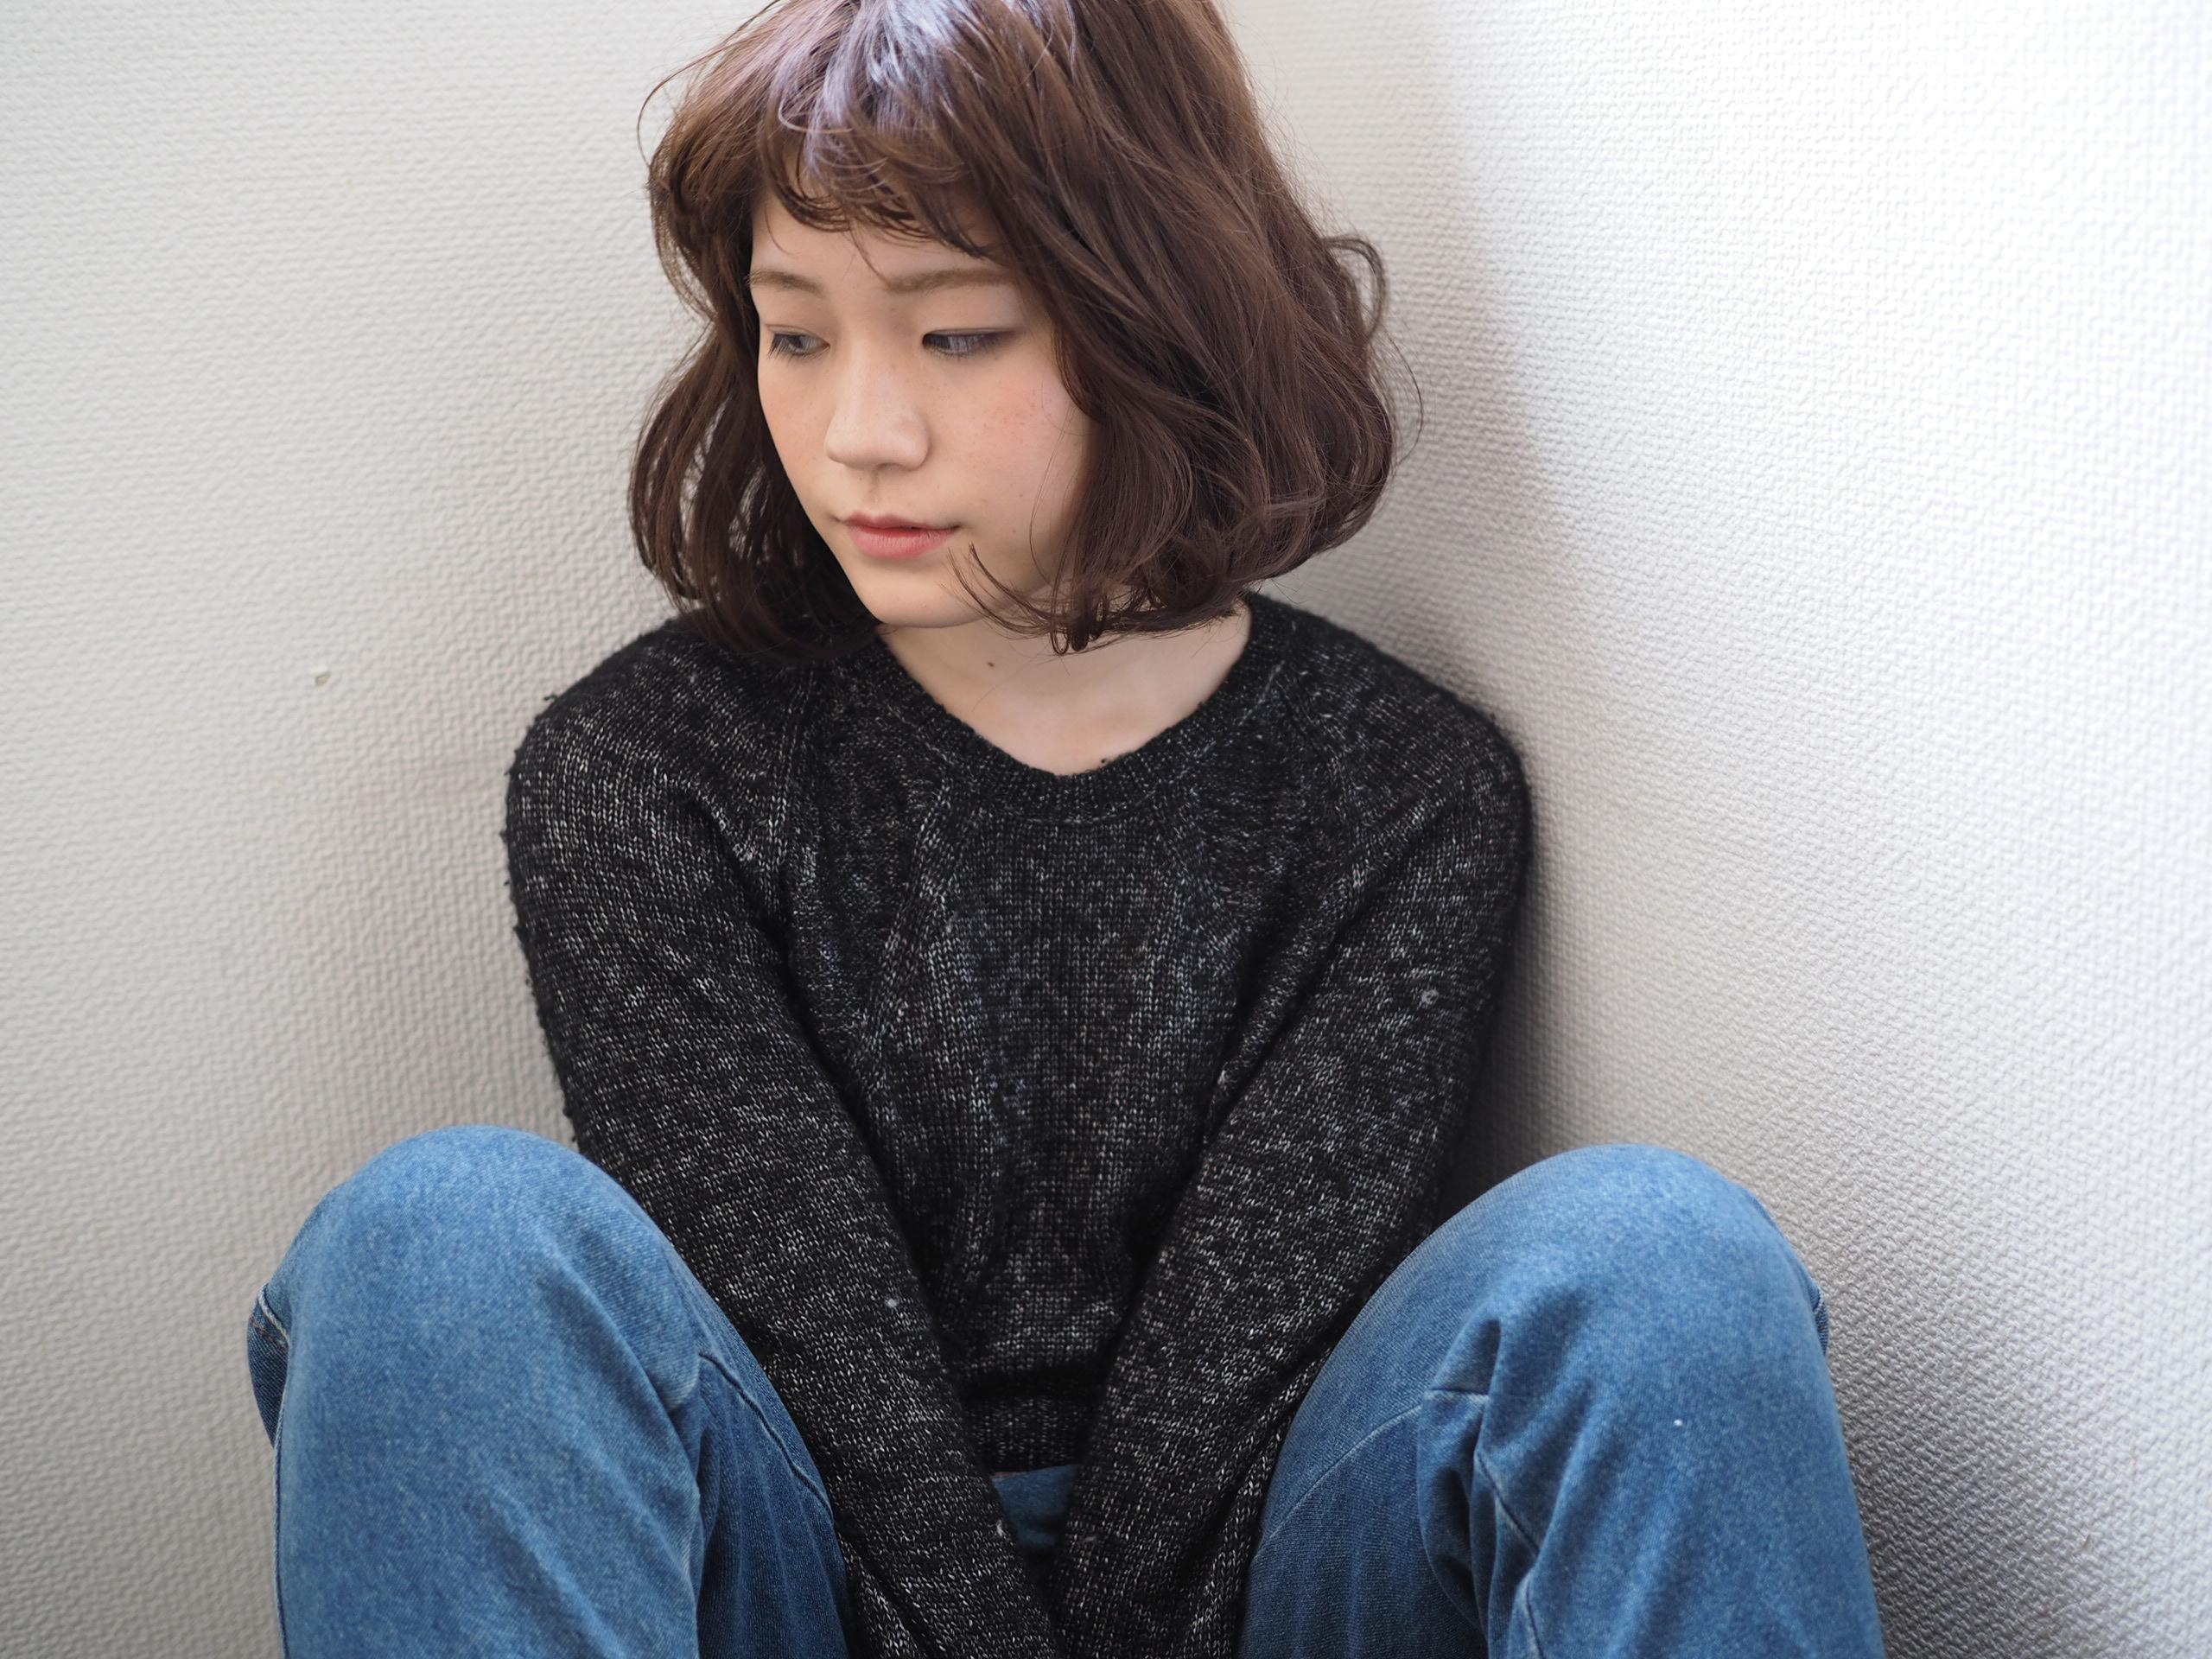 高円寺 美容室 阿佐ヶ谷 中野 ヘアスタイル